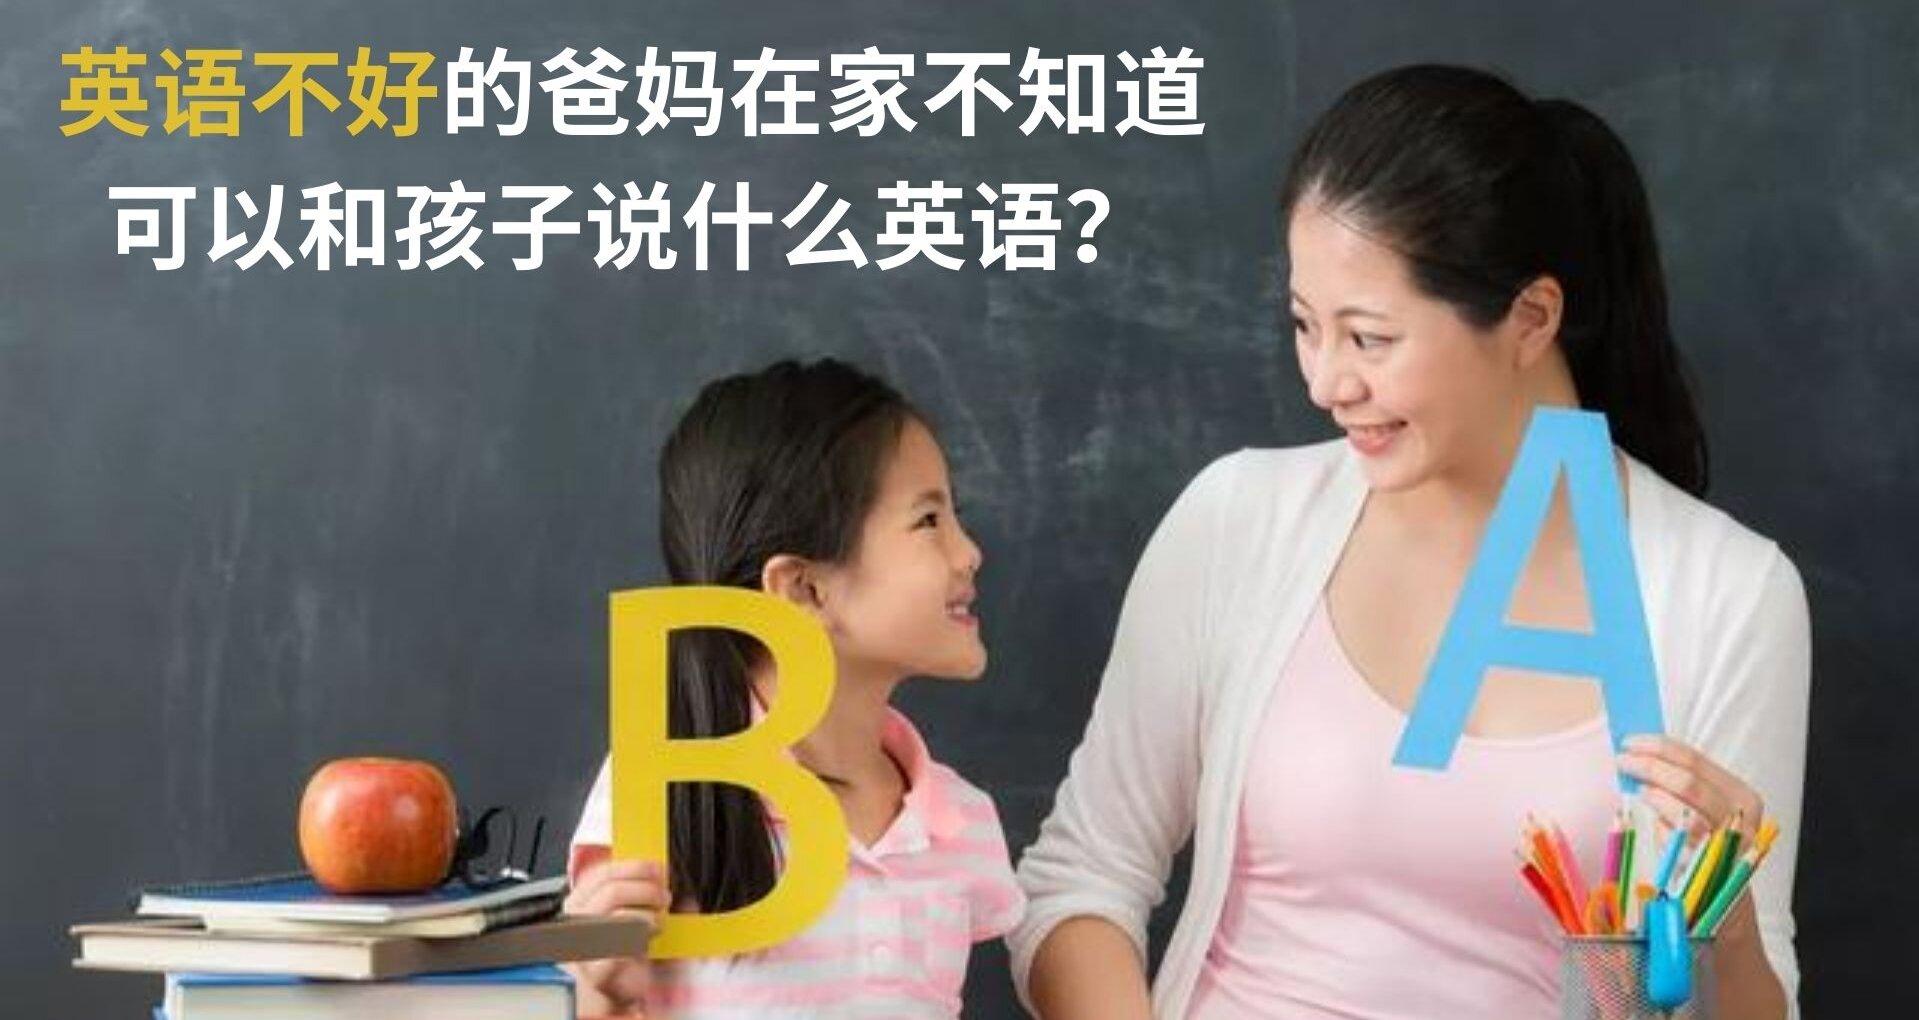 英语不好的爸妈在家不知道可以和孩子说什么英语?